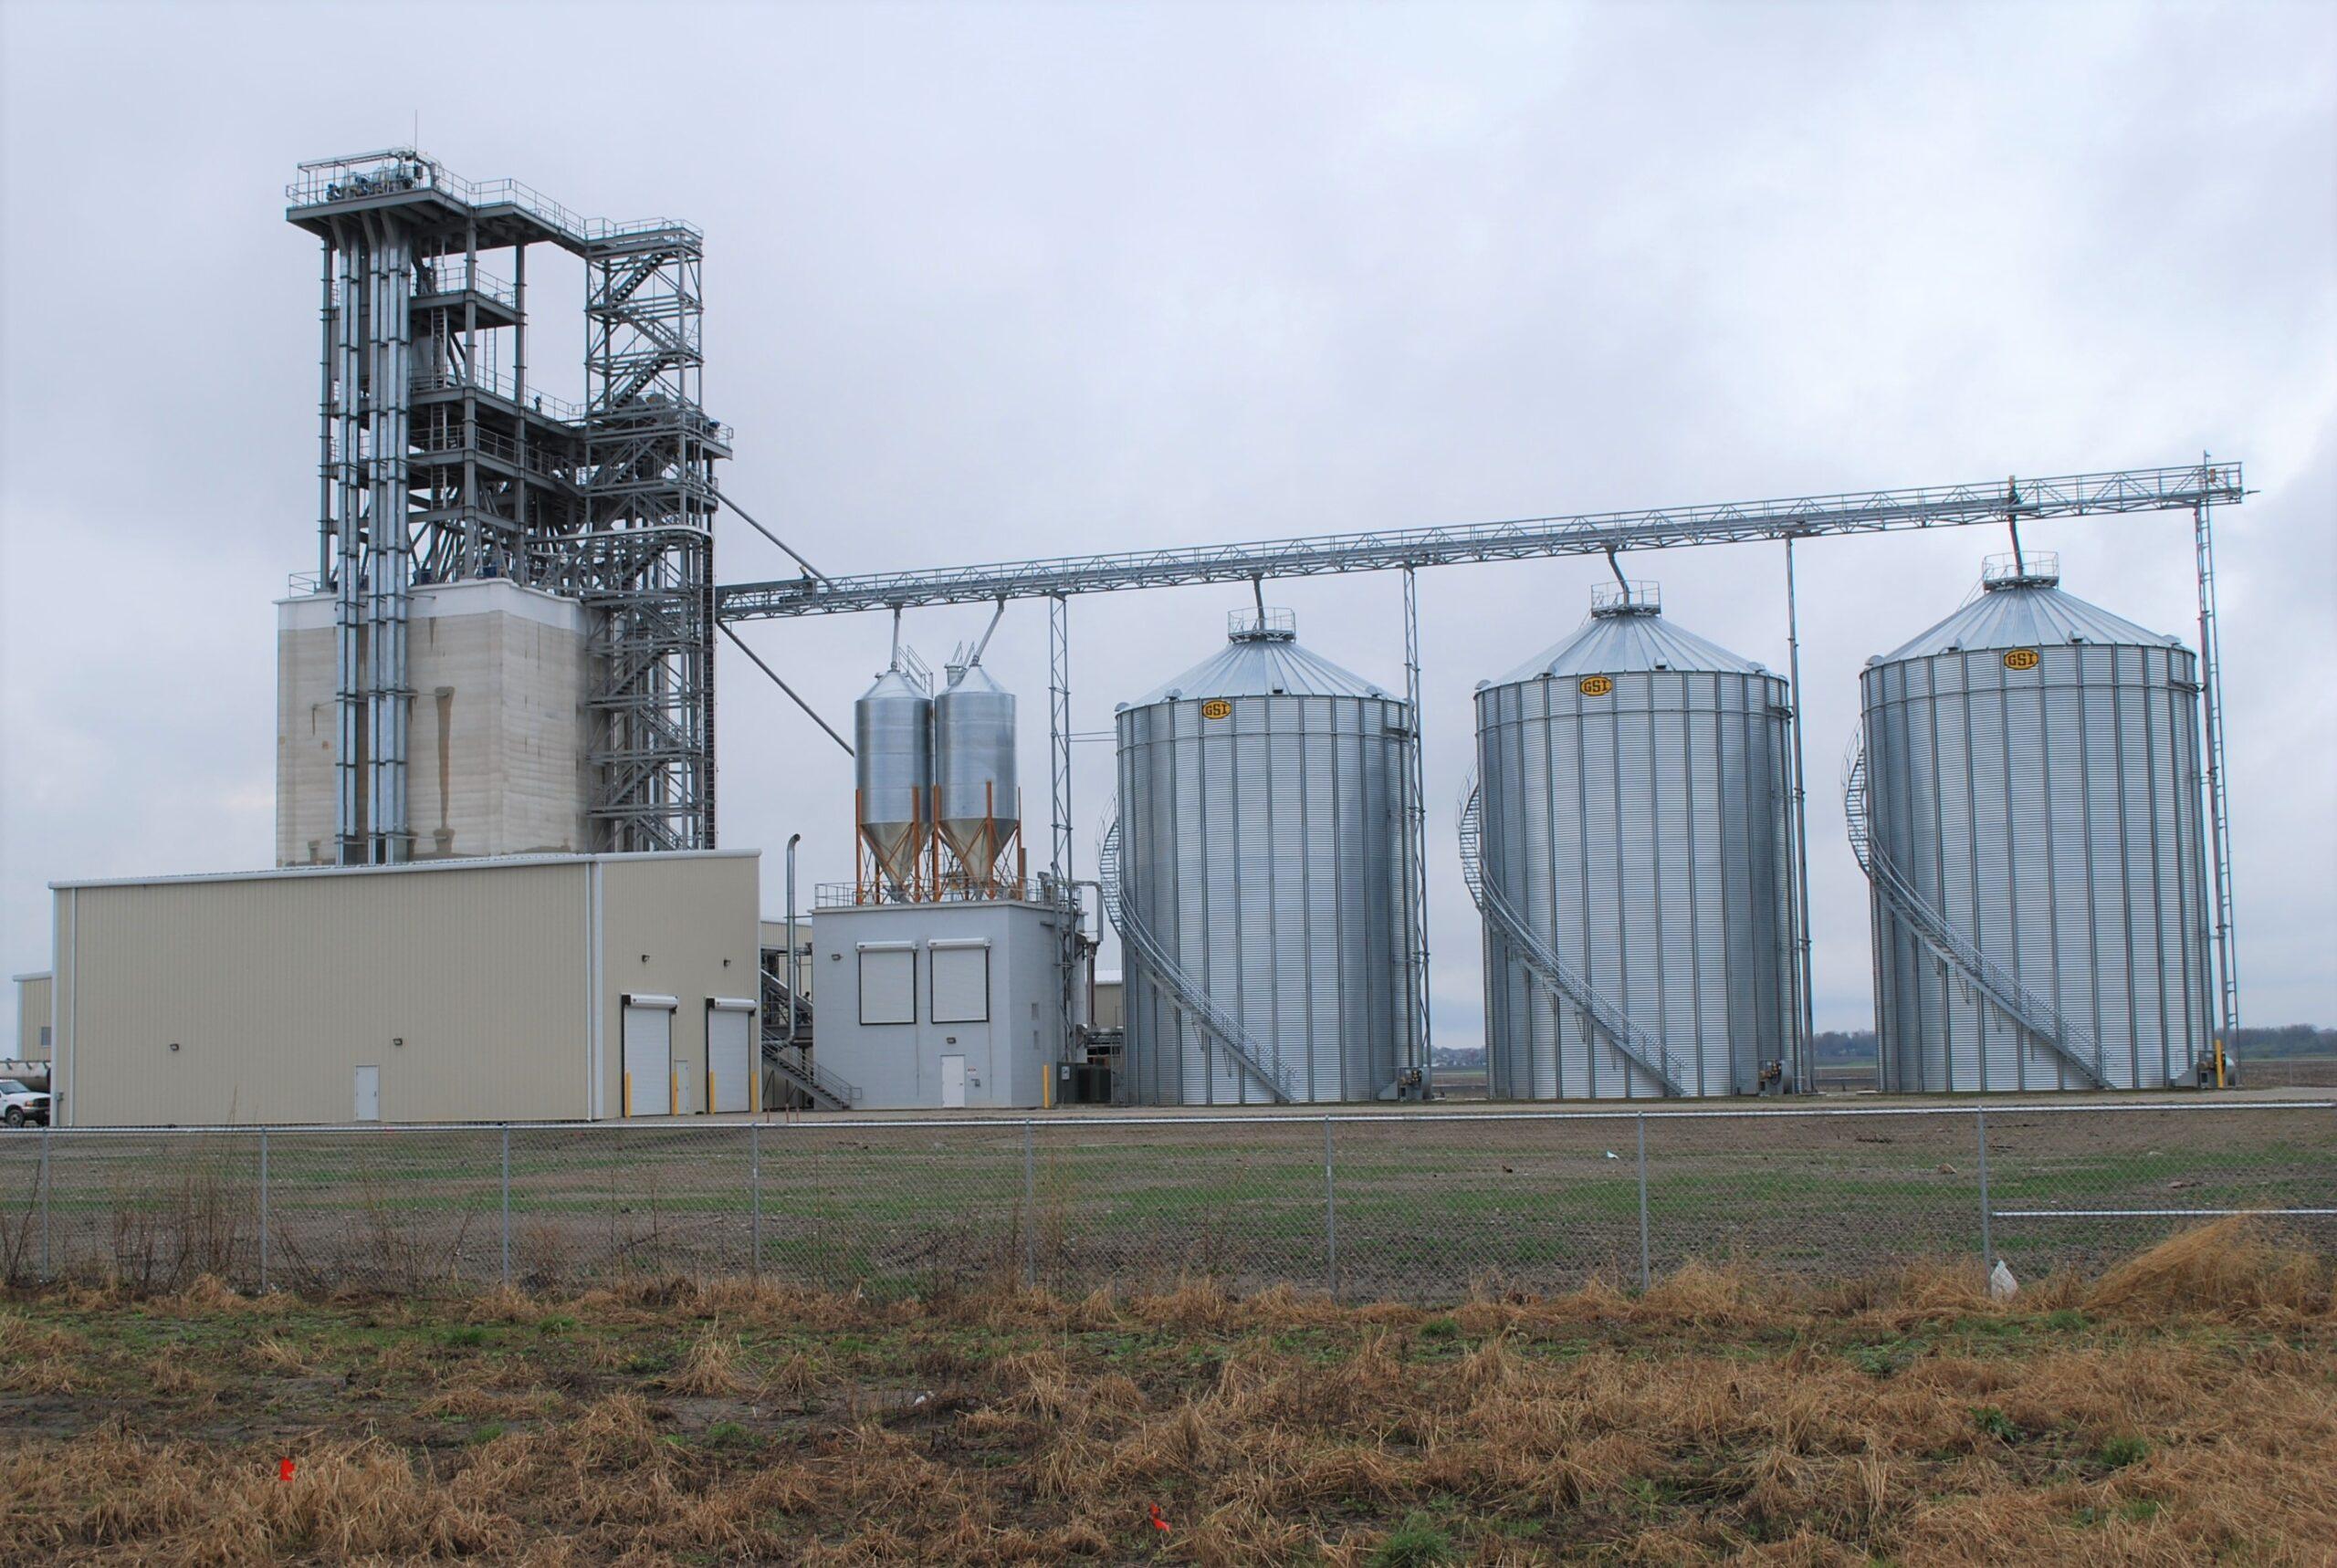 U of I Feed Mill, Urbana, IL